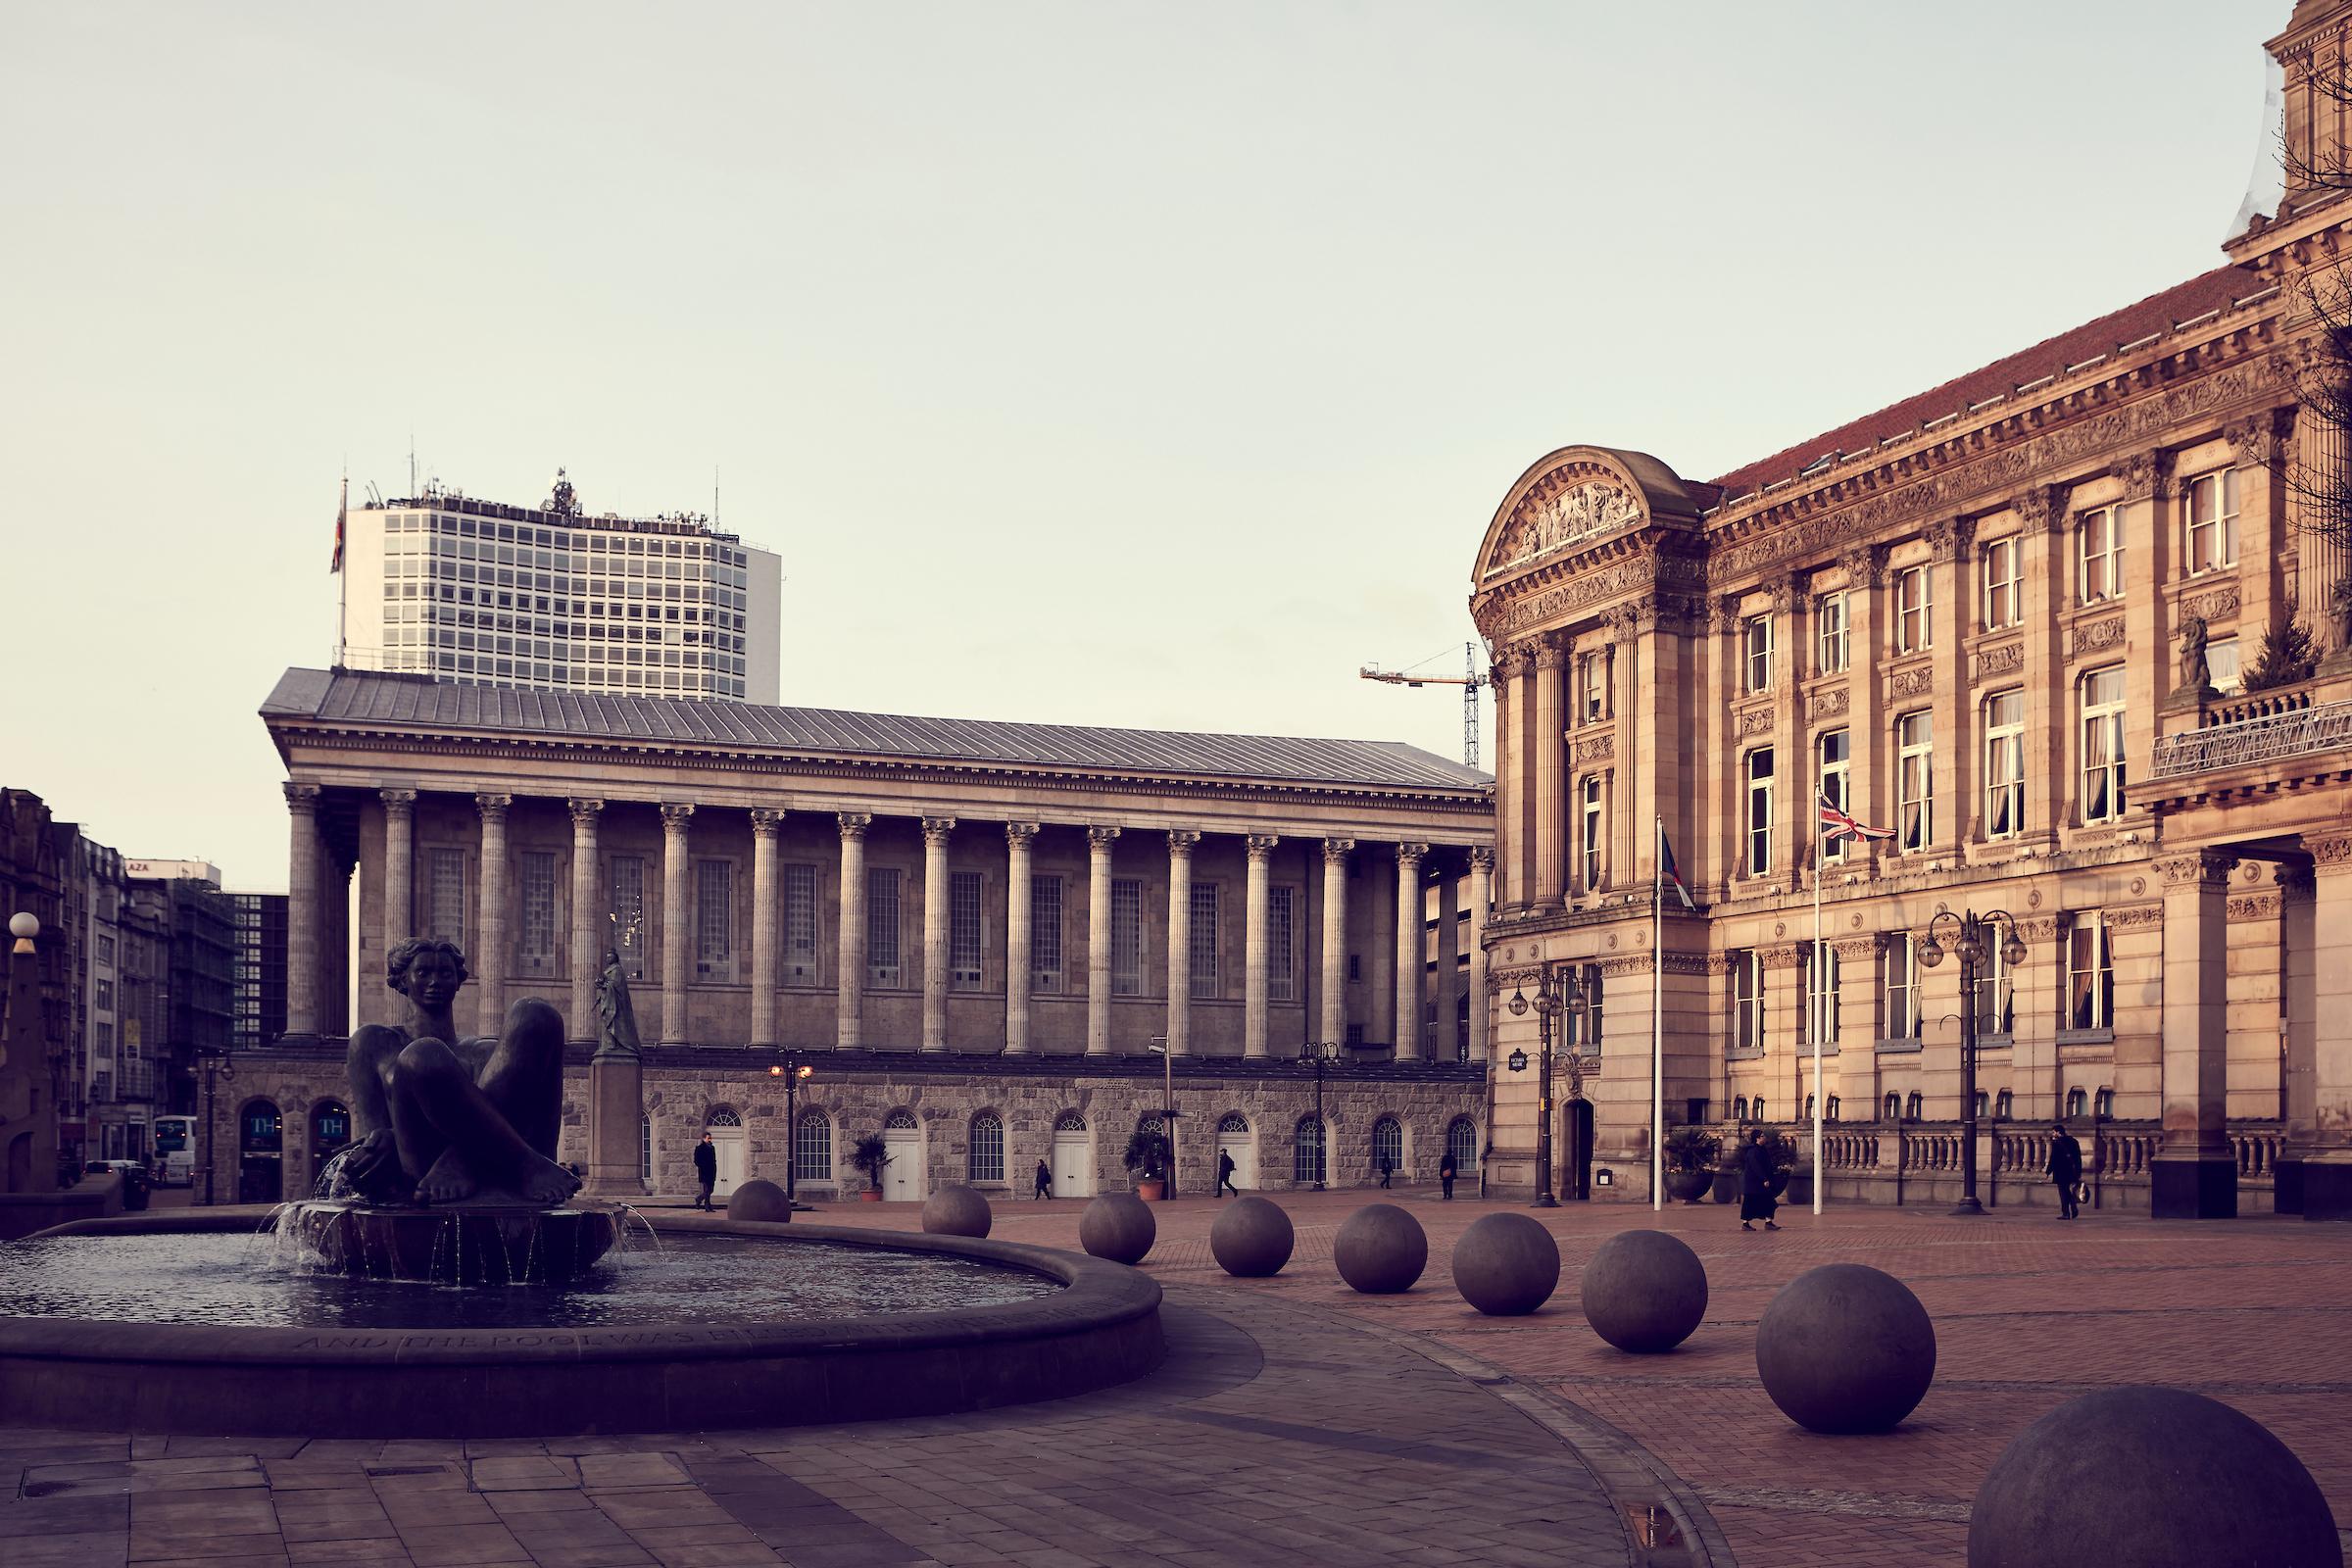 Victoria Square, Birmingham